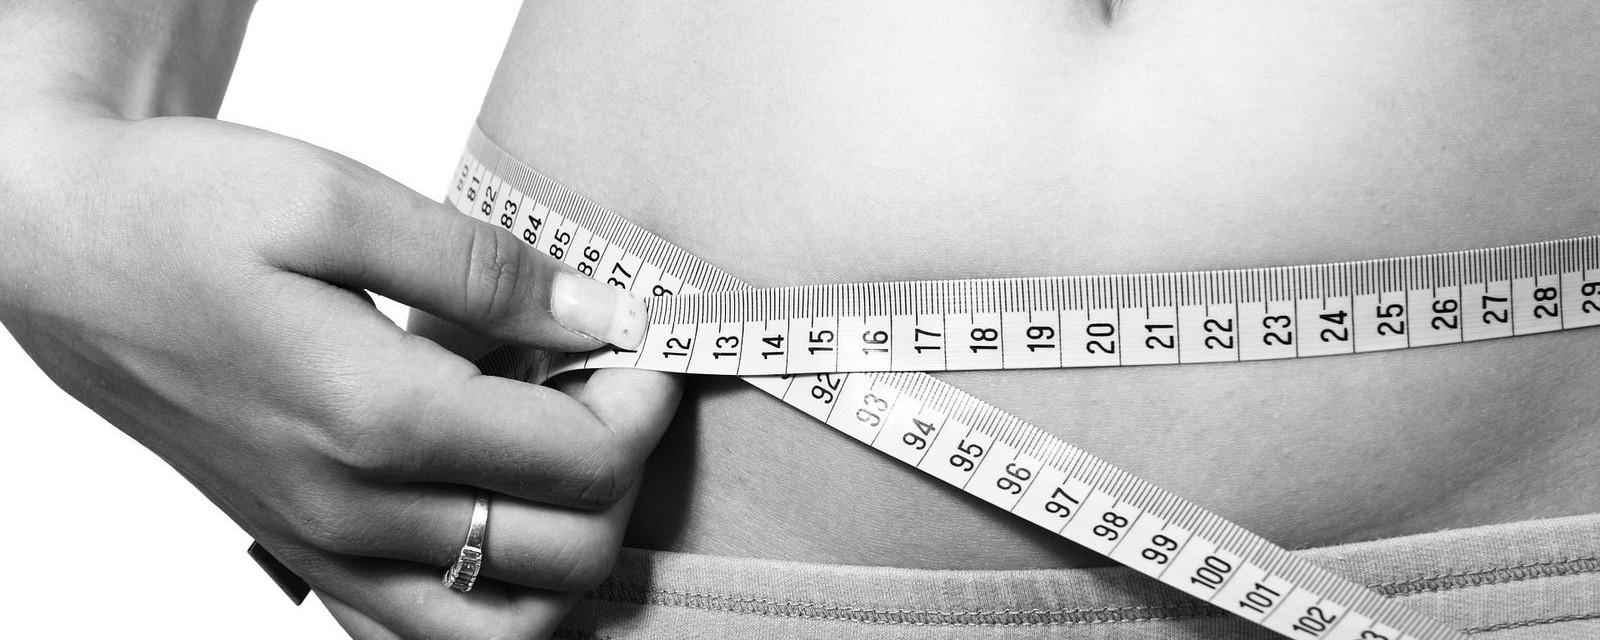 40+ Best Rețeta de skabire images | diete, sănătate, slăbește